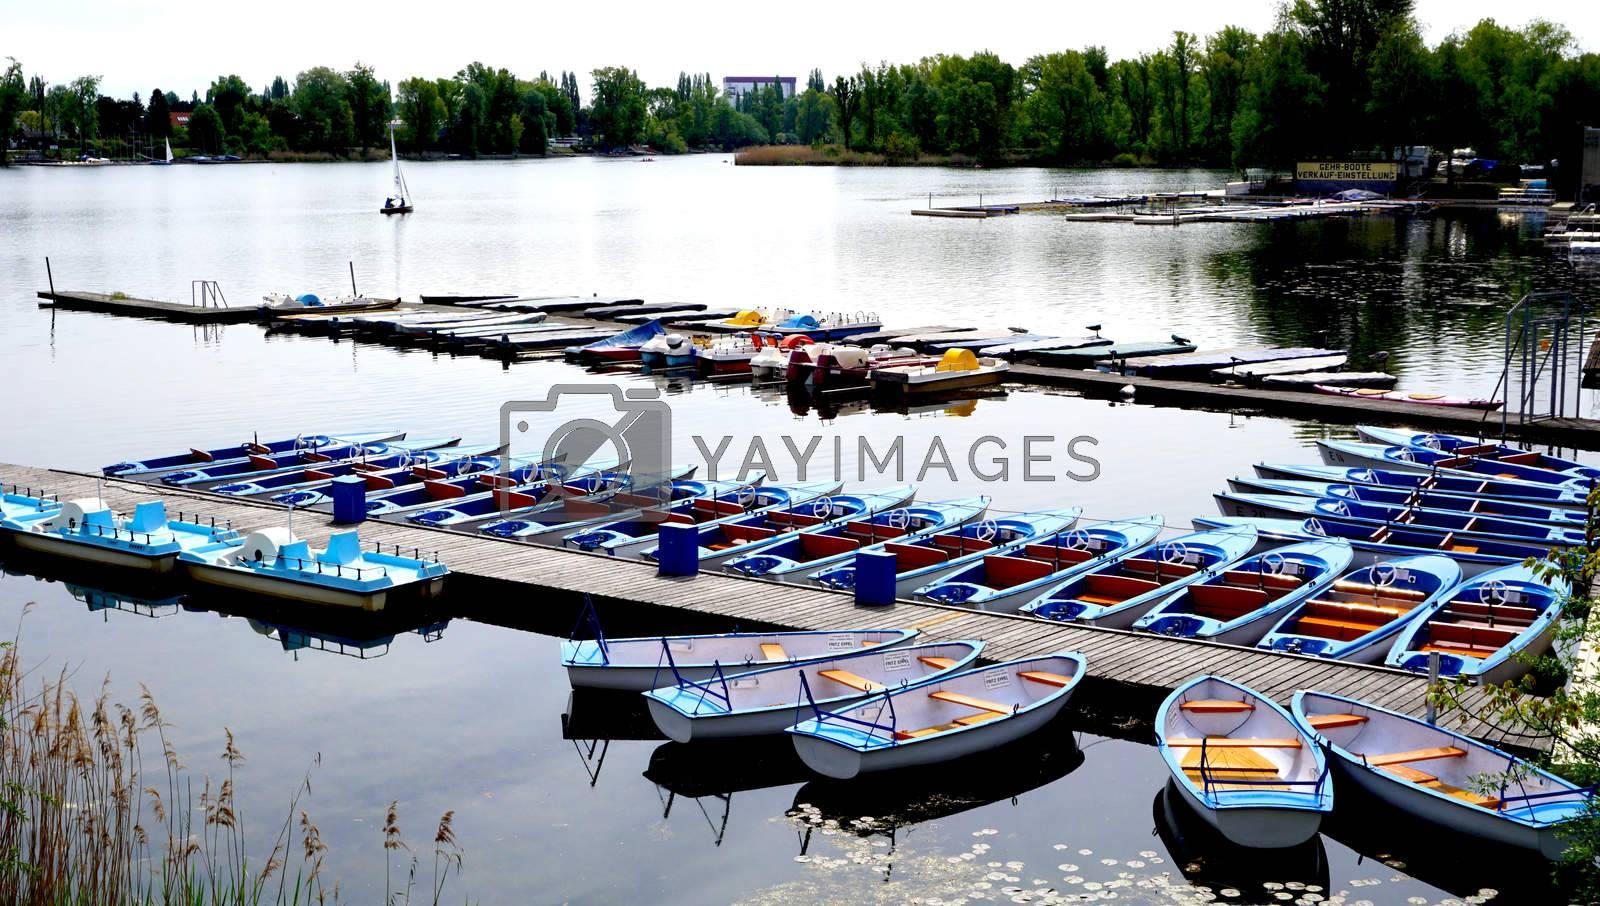 Boats in Danube  River Landscape by polarbearstudio